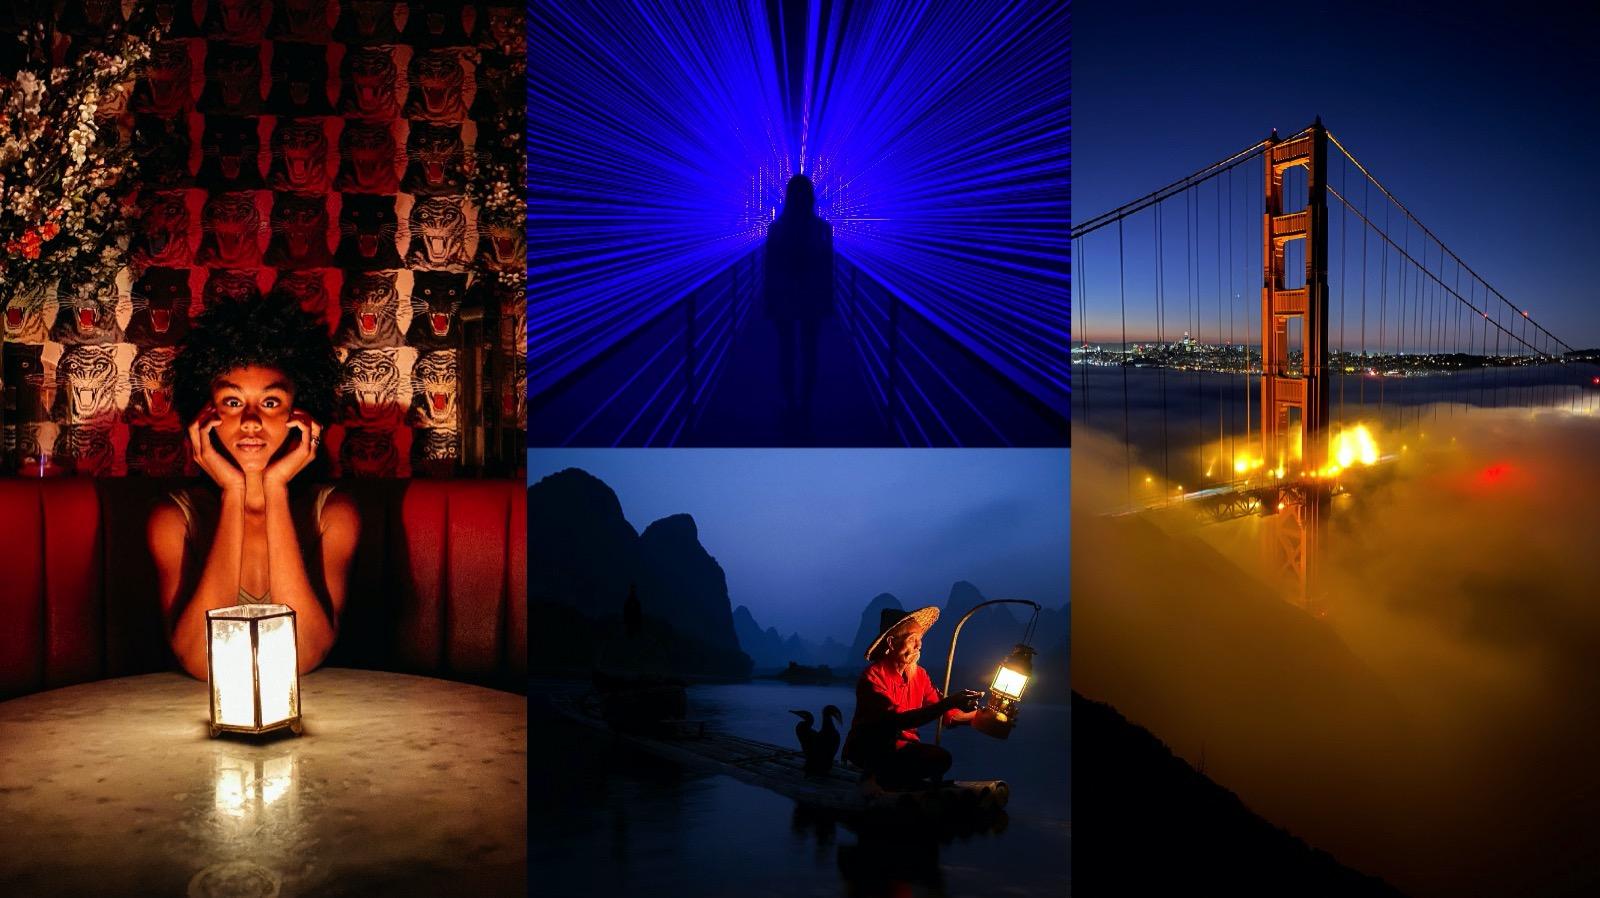 IPhone Night Shot Photo Challenge